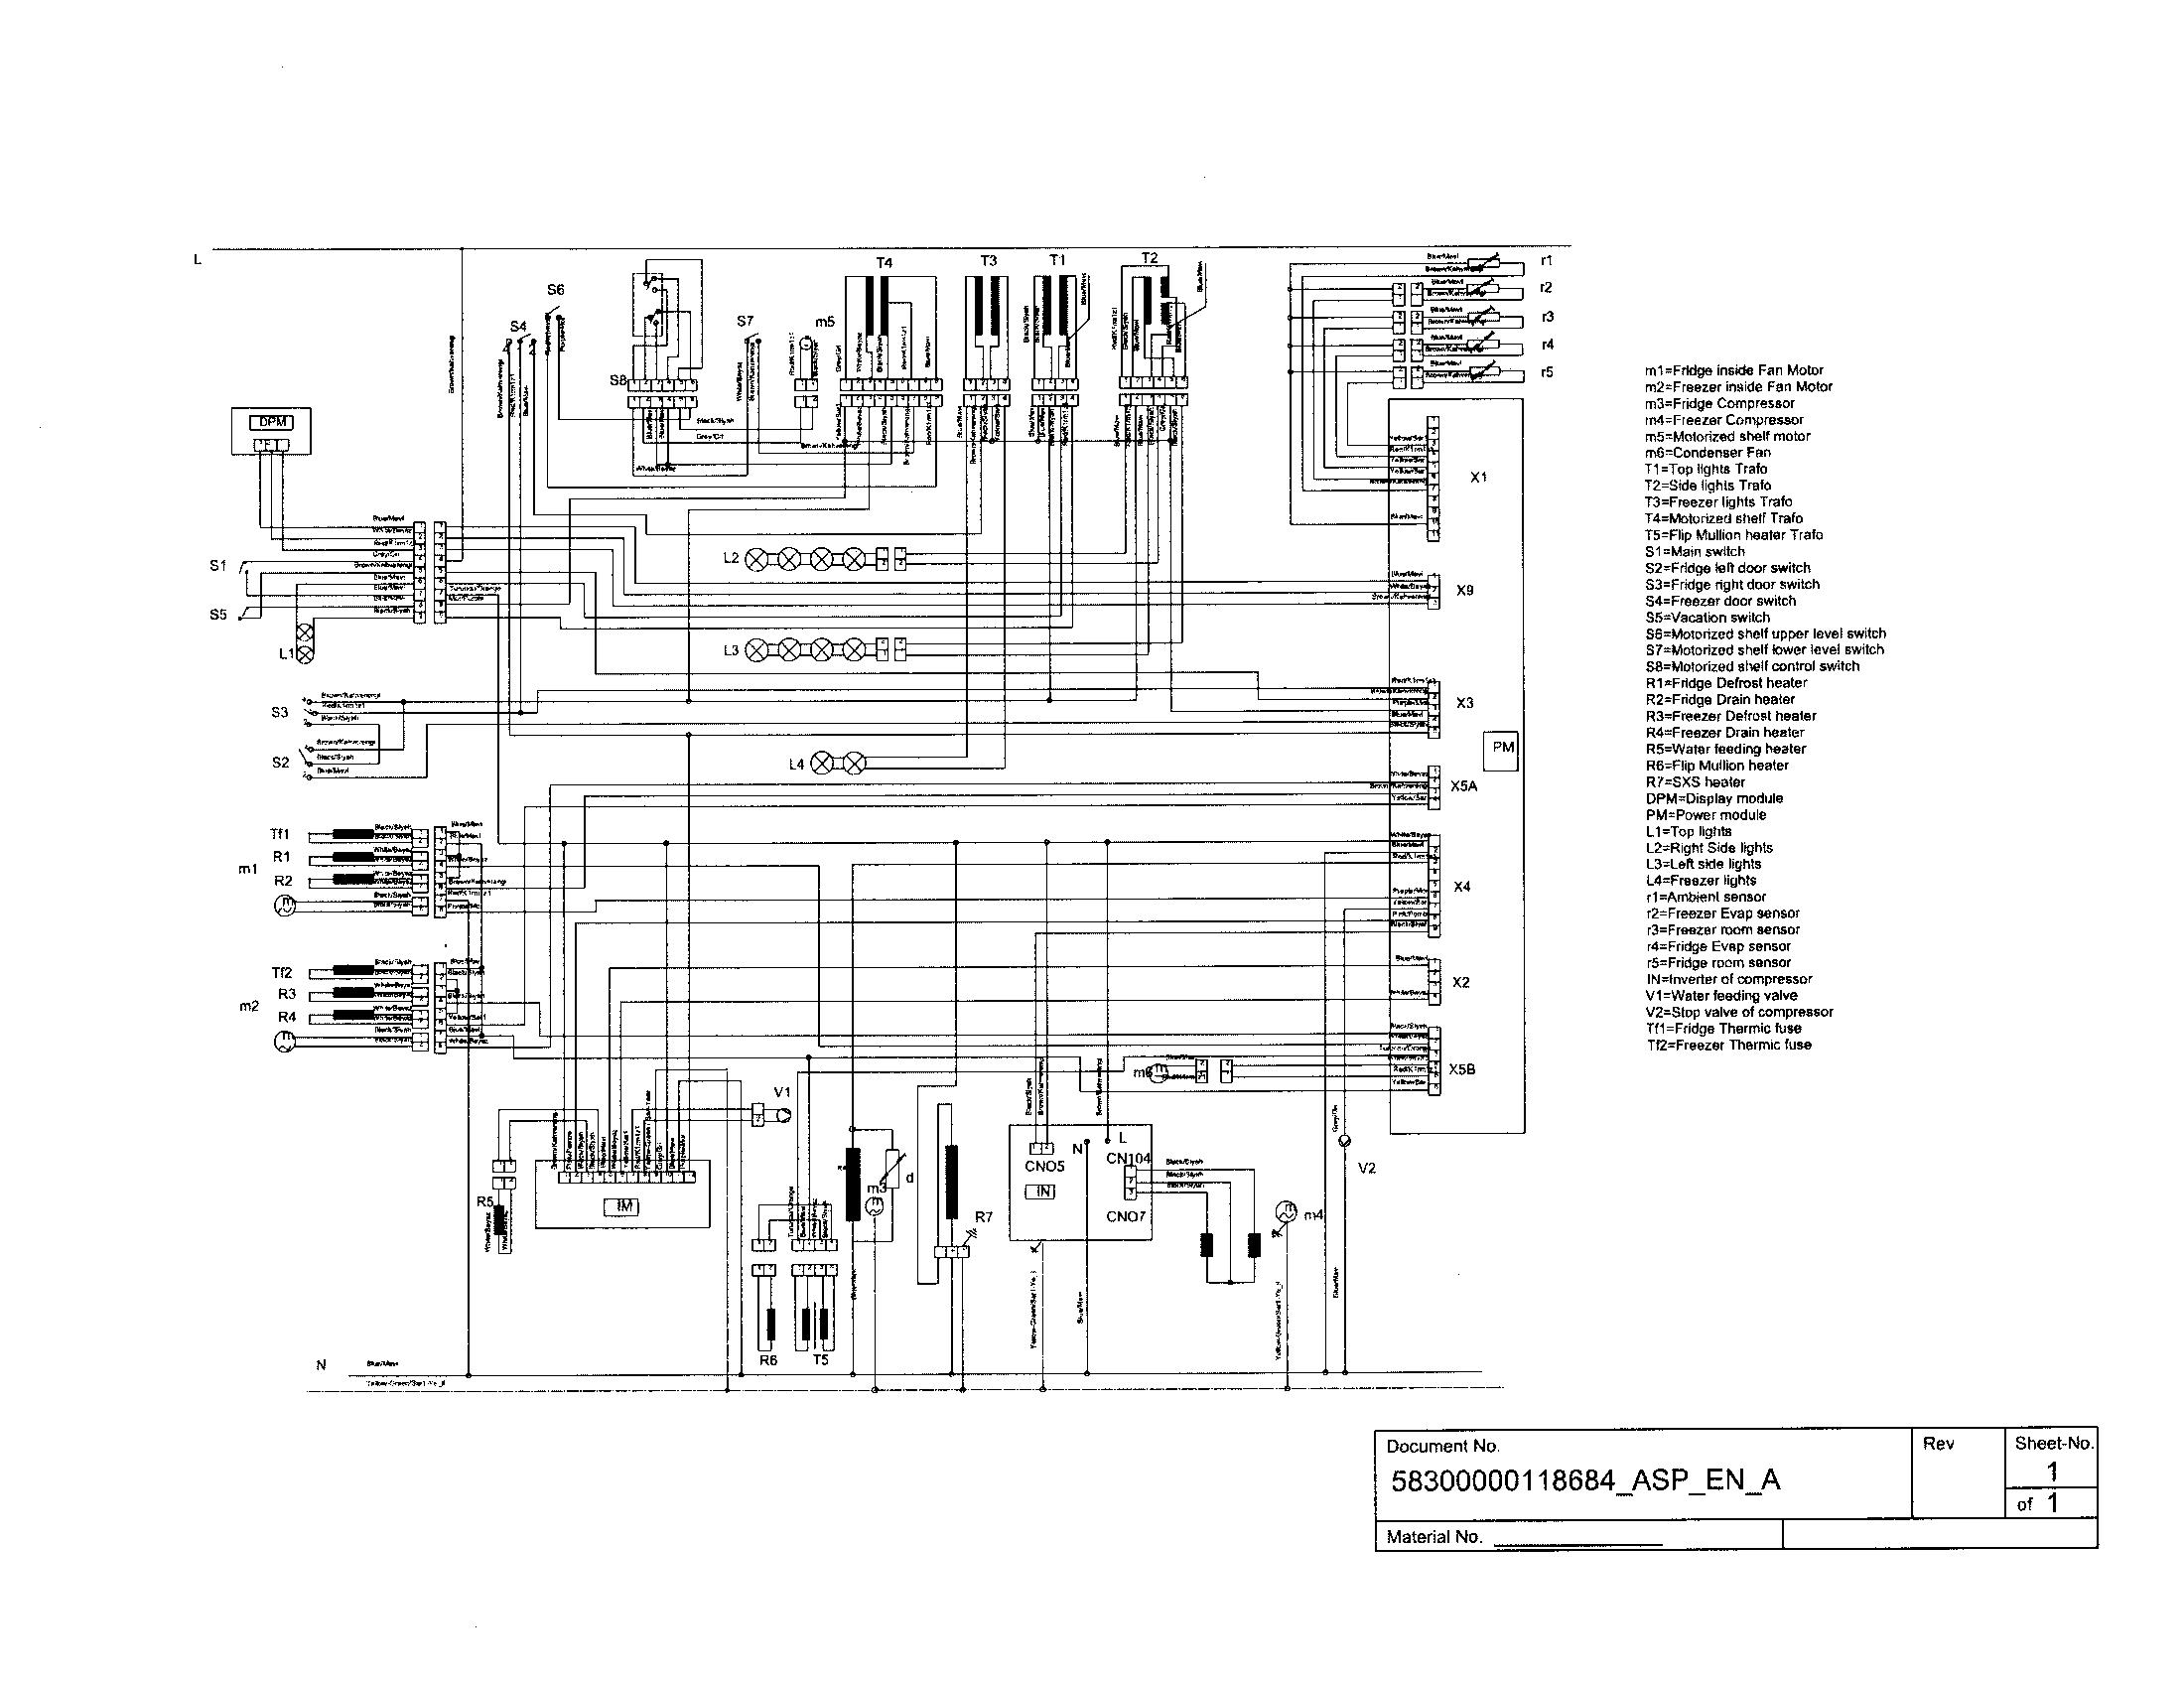 small resolution of traulsen wiring schematics wiring diagrams bibwiring traulsen diagram rhf132wp hhs wiring diagram centre traulsen wiring schematics